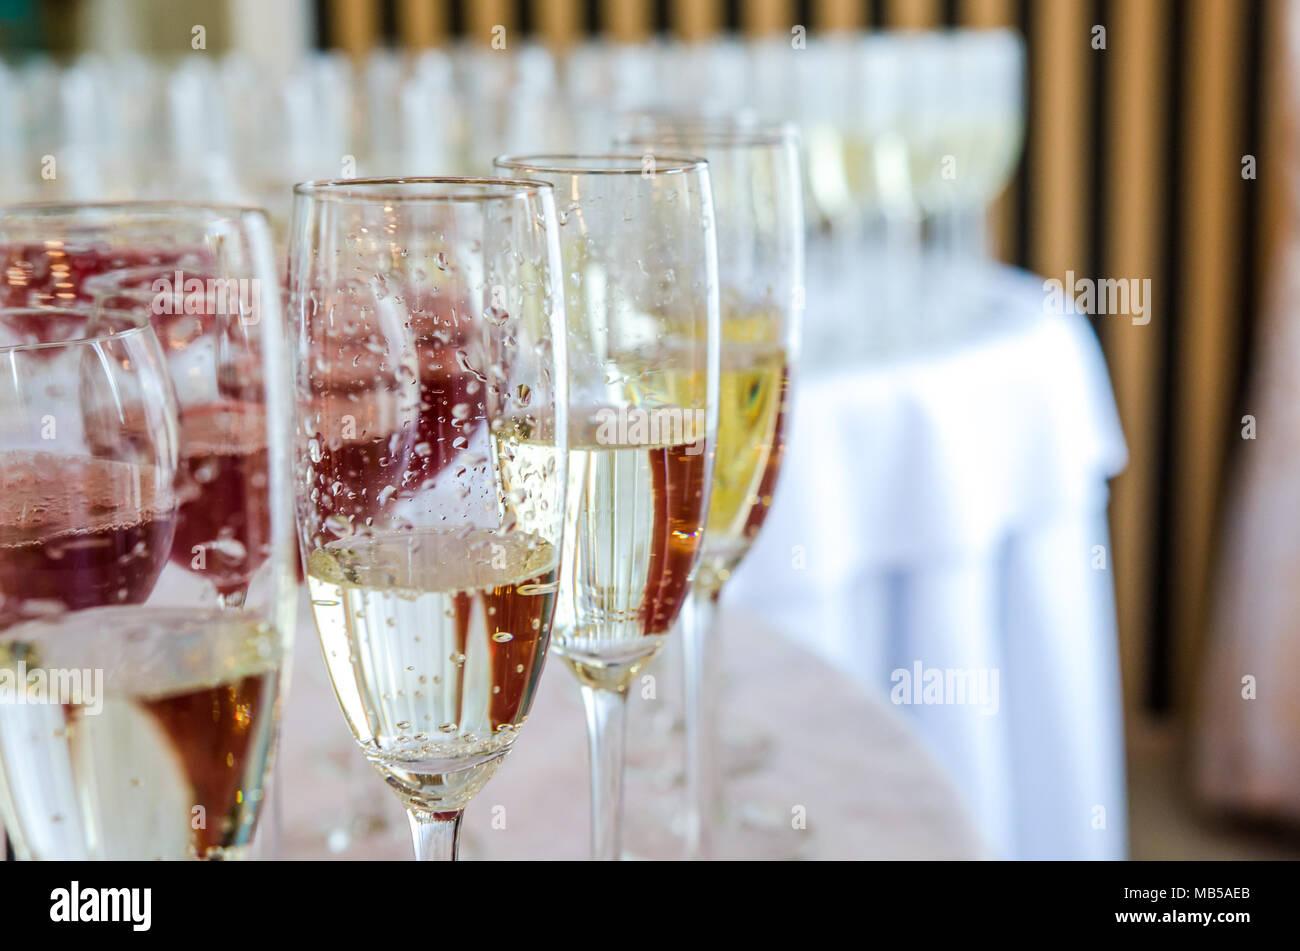 Gastronomie Bar zu feiern. Schönheit von innen für den Hochzeitstag. Stockbild